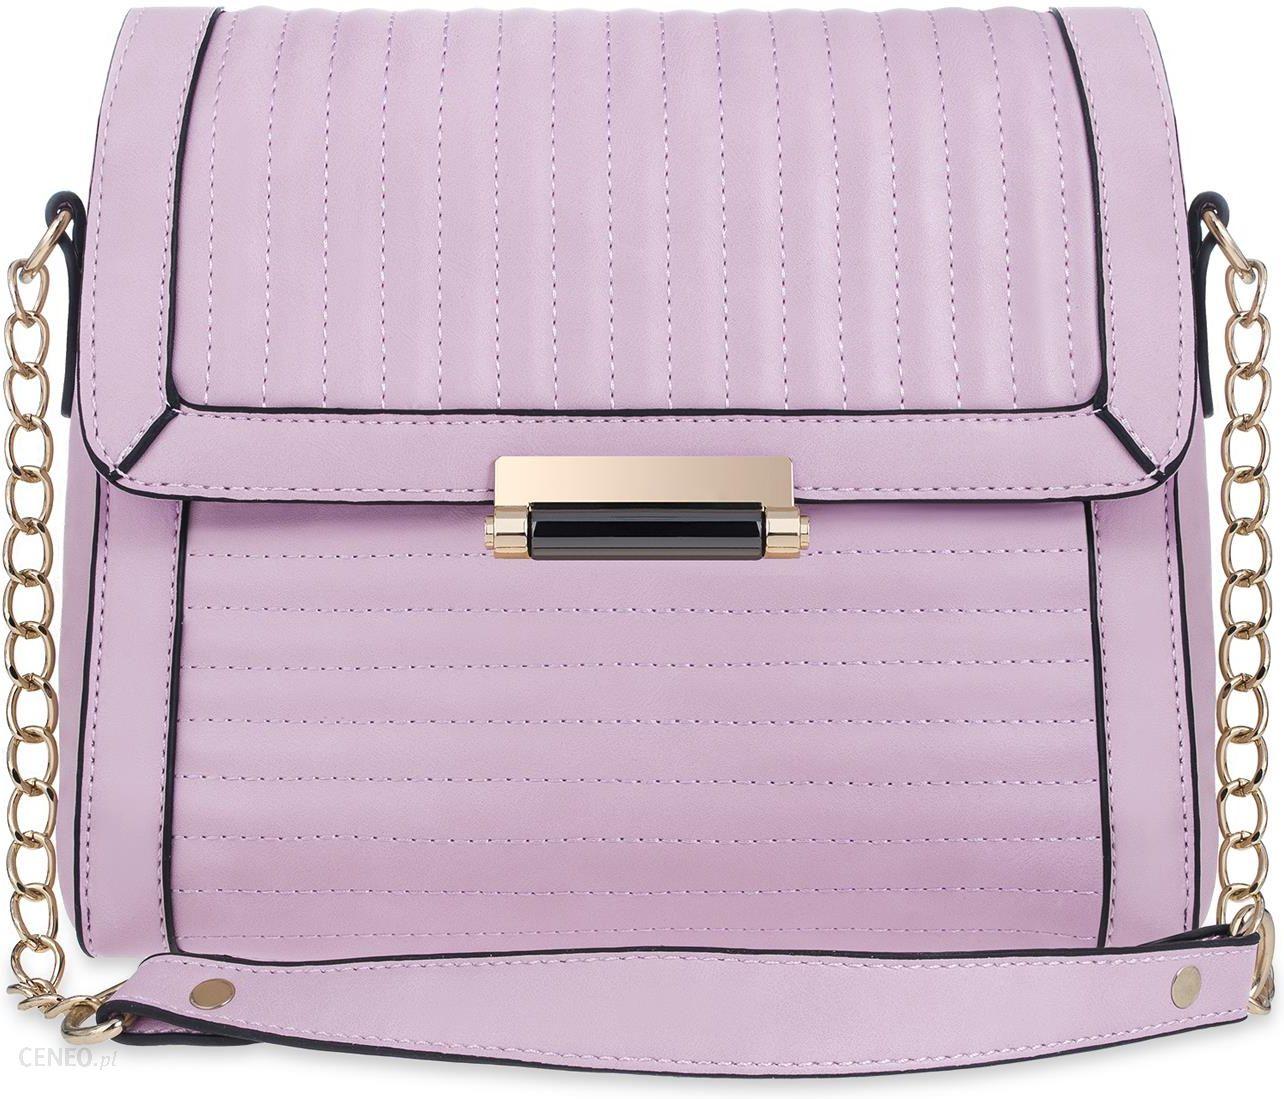 8318df32361d4 Pikowany kuferek wizytowa torebka damska na łańcuszku chanelka z klapą na  ramię - fioletowy - zdjęcie